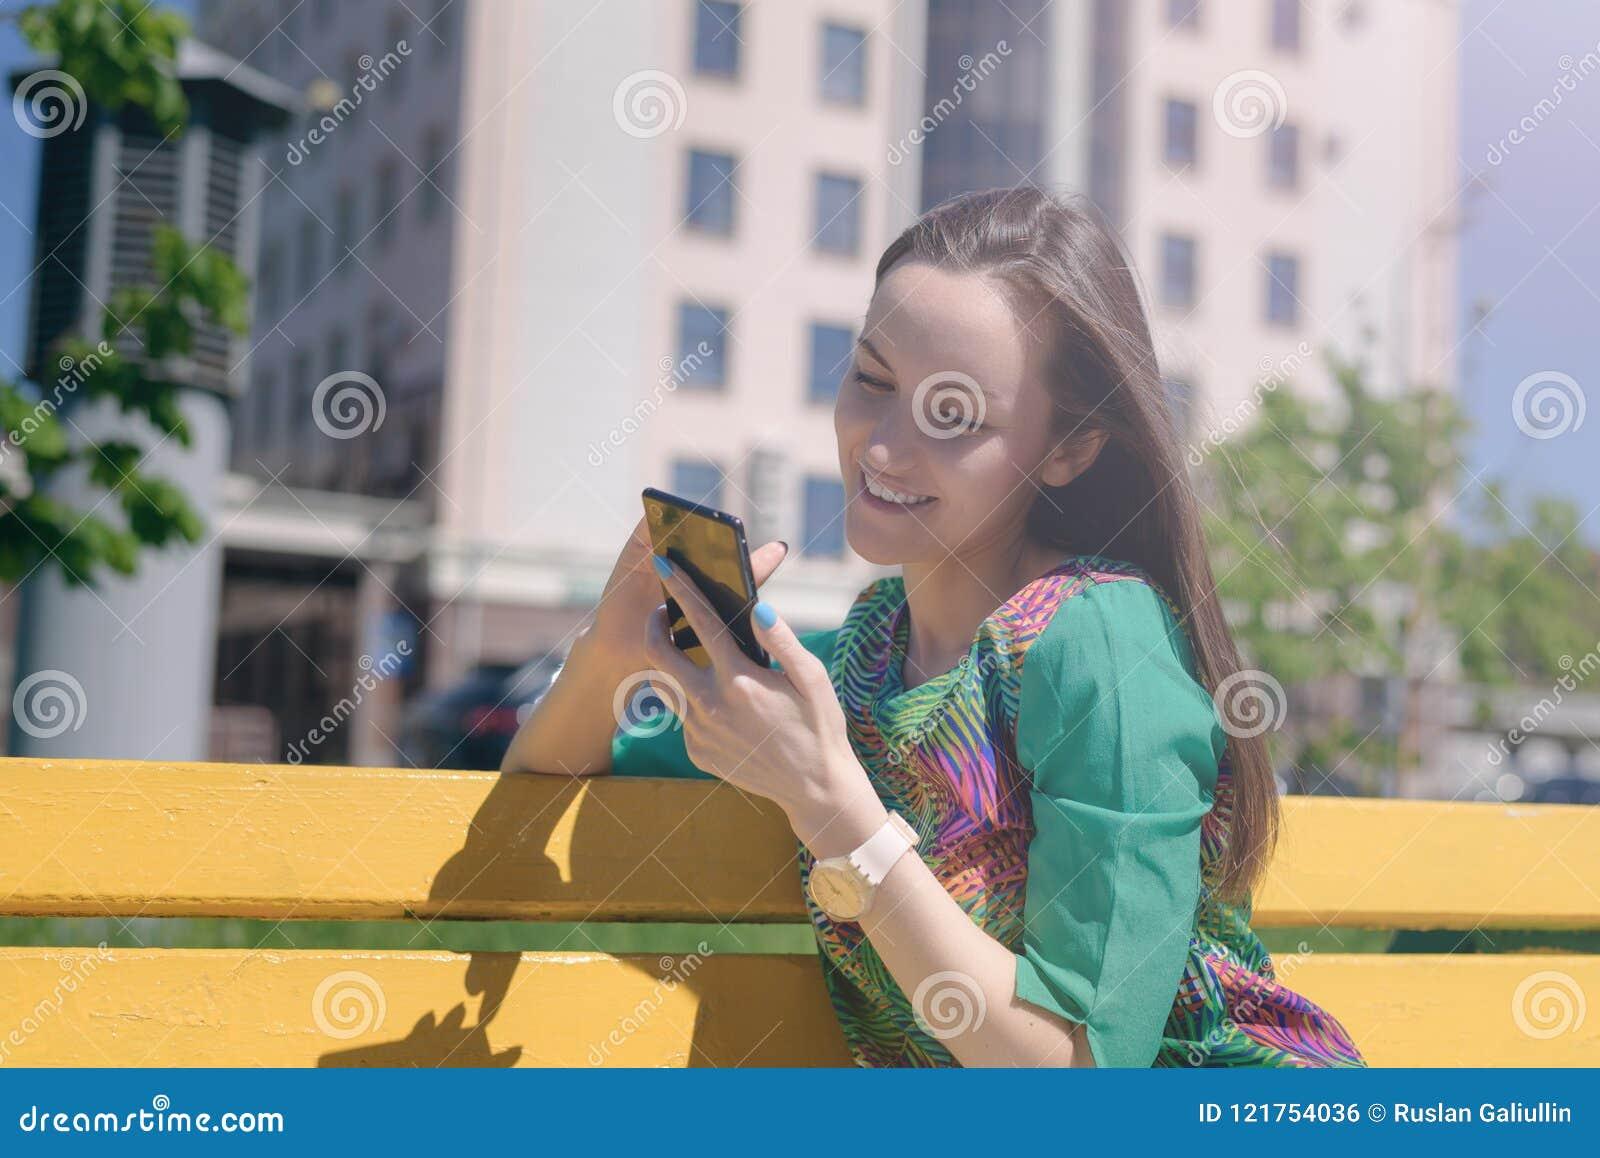 Mujer joven sonriente que se sienta en un banco amarillo y usar el smartphone, comunicación en línea, redes sociales, corresponde